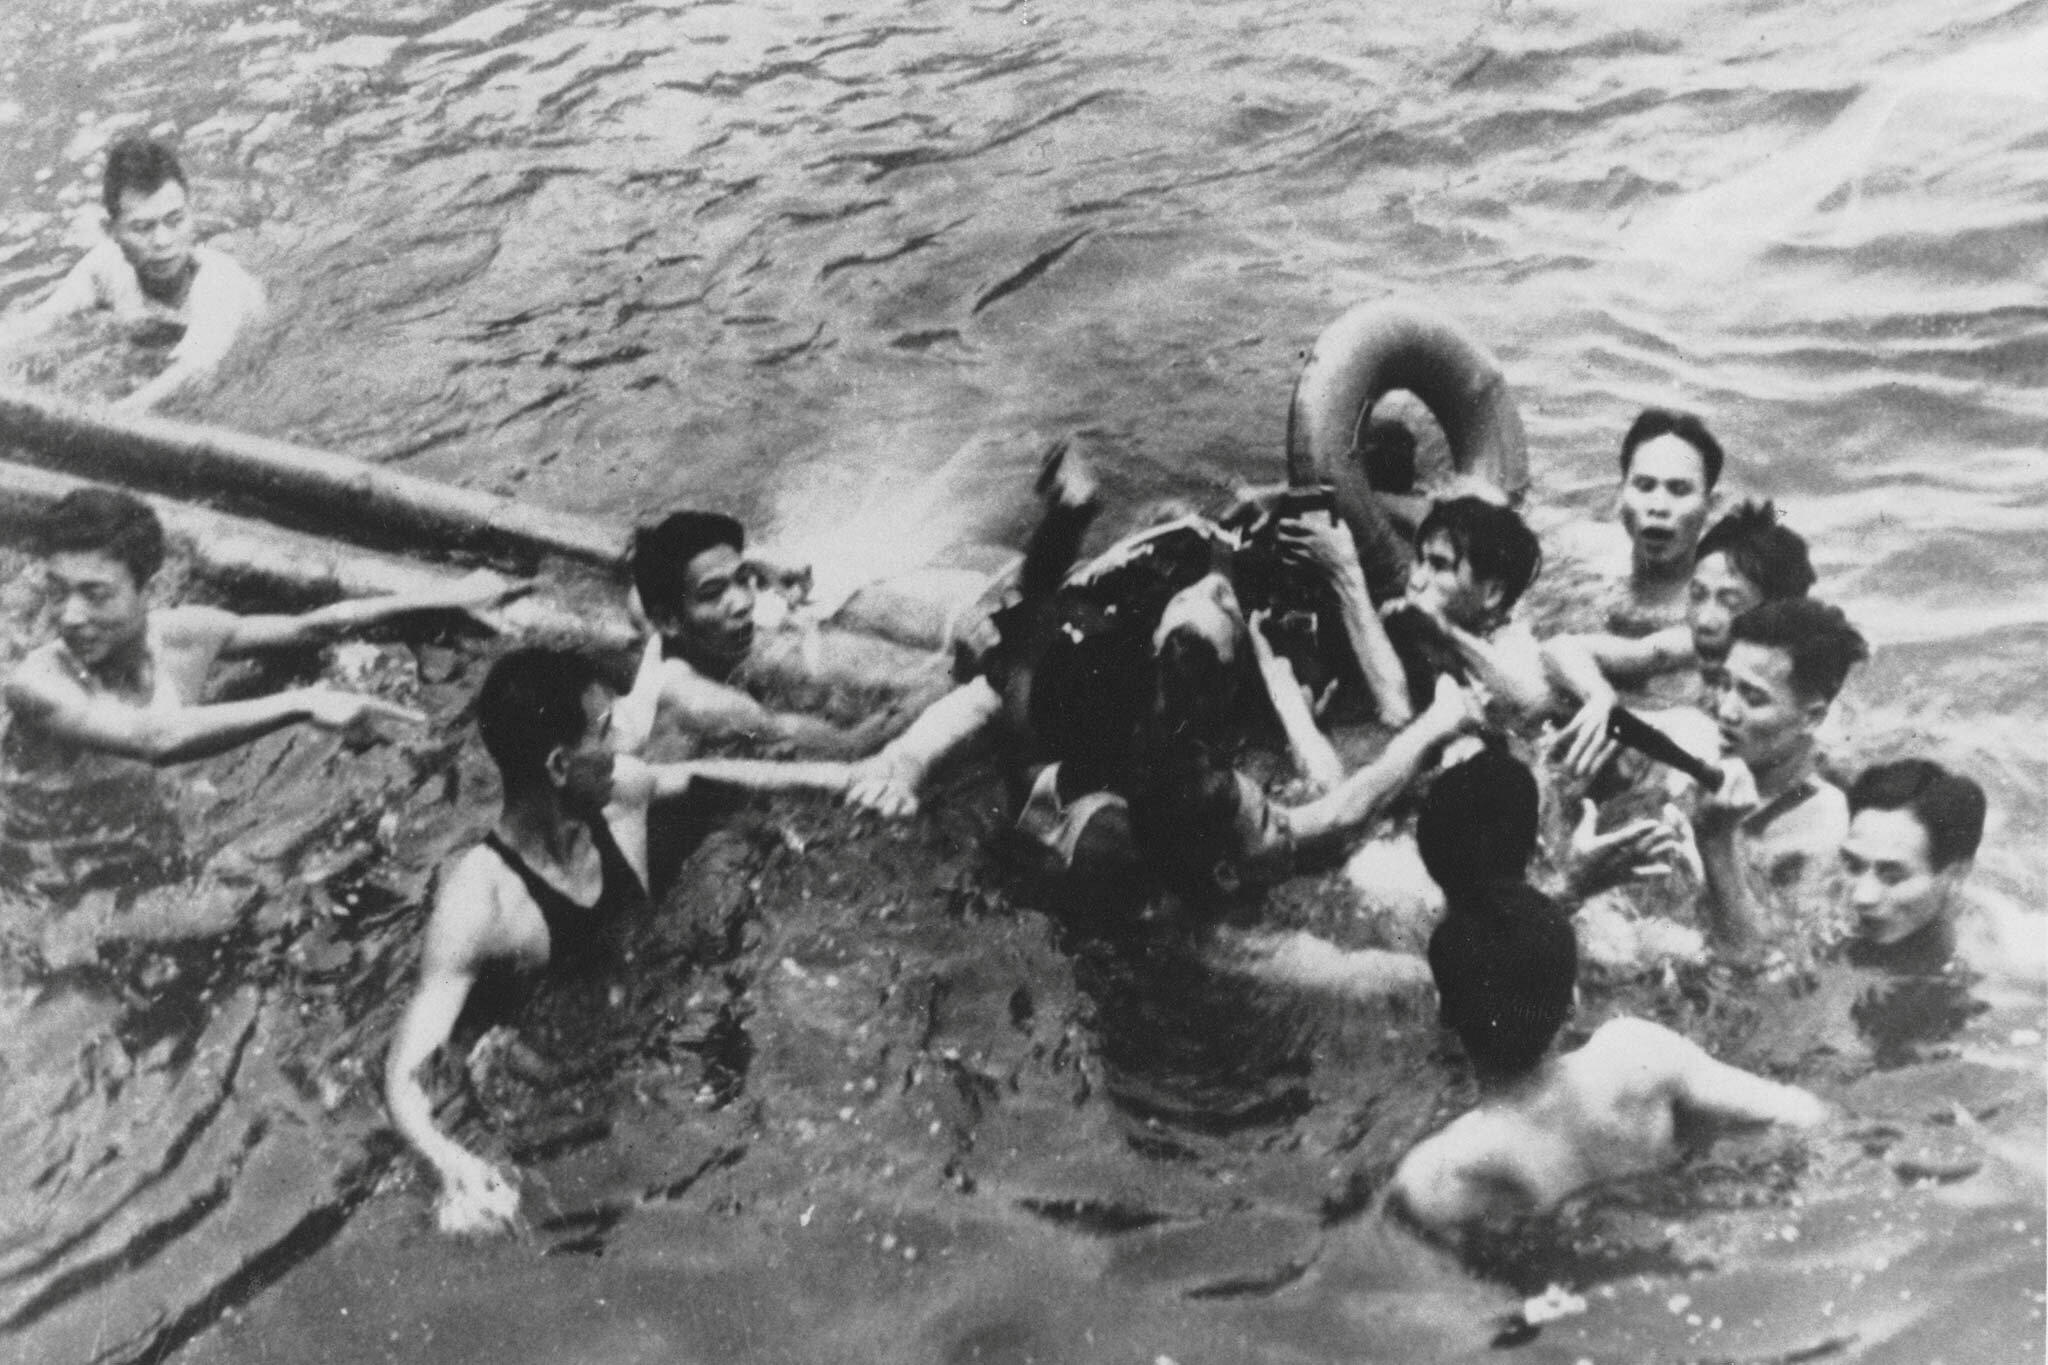 Phi công John McCain bị quân và dân miền Bắc Việt Nam kéo ra khỏi hồ sau khi nhảy dù khỏi máy bay ở Hà Nội, ngày 26/10/1967.